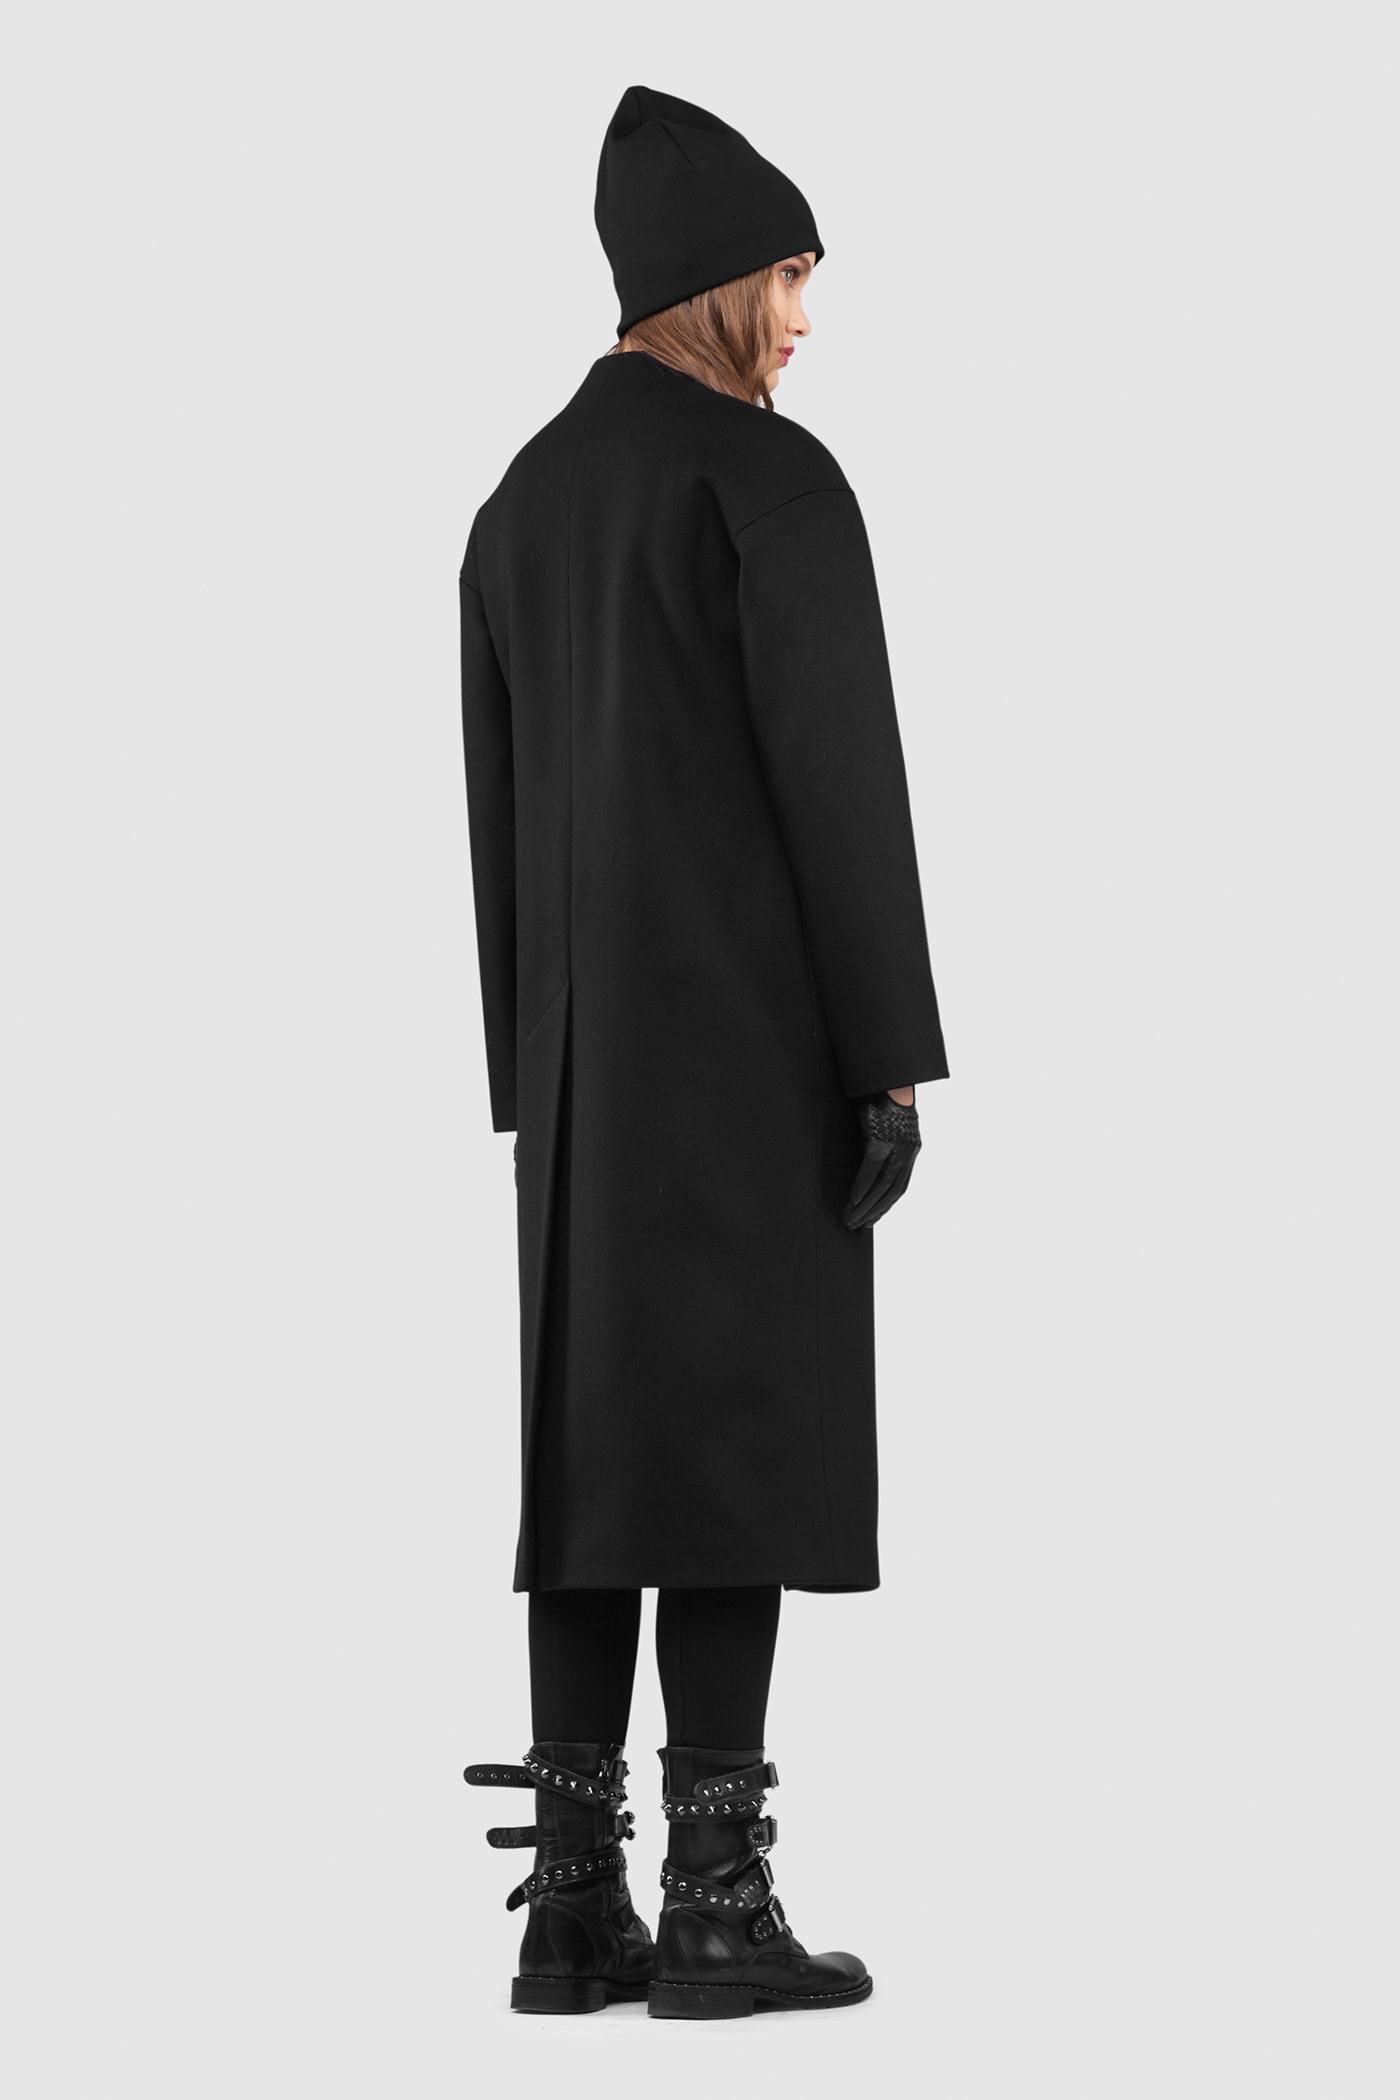 Пальто - ОСЛОПальто<br>Пальто OSLO (Осло) прямого, неприталенного силуэта на запахе. Застежка на кожаный хлястик, чуть ниже уровня талии. Карманы с широкой листочкой несколько смещены к боковому шву. Линия плеча расширена и опущена. Конструкция без подплечников. Модель подходит для всех типов фигур - А, Т, О-образных.&#13;<br>&#13;<br>&#13;<br>рекомендуемая сезонность: весна, осень&#13;<br>&#13;<br>длина размера S при росте 164-170 см: 106 см&#13;<br>&#13;<br>внутренний карман для телефона&#13;<br>&#13;<br>модель имеет три ростовки: 158-164 см, 164-170 см и 170-176 см.&#13;<br>&#13;<br>размер и другие нюансы уточняются при заказе, мы с вами связываемся по указанному вами номеру телефона&#13;<br>&#13;<br>&#13;<br>Если у вас остались вопросы, пишите нам на электронную почту ASYAMALBERSHTEIN@GMAIL.COM или звоните по номеру +7 (812) 649-17-99, мы постараемся ответить на ваши вопросы и помочь определиться вам с выбором или размерной сеткой наших изделий.<br><br>Цвет: Черный<br>Размер: L, XS, S, M<br>Ростовка: 152 - 158, 158 -164, 164 -170, 170 -176, 176 -182